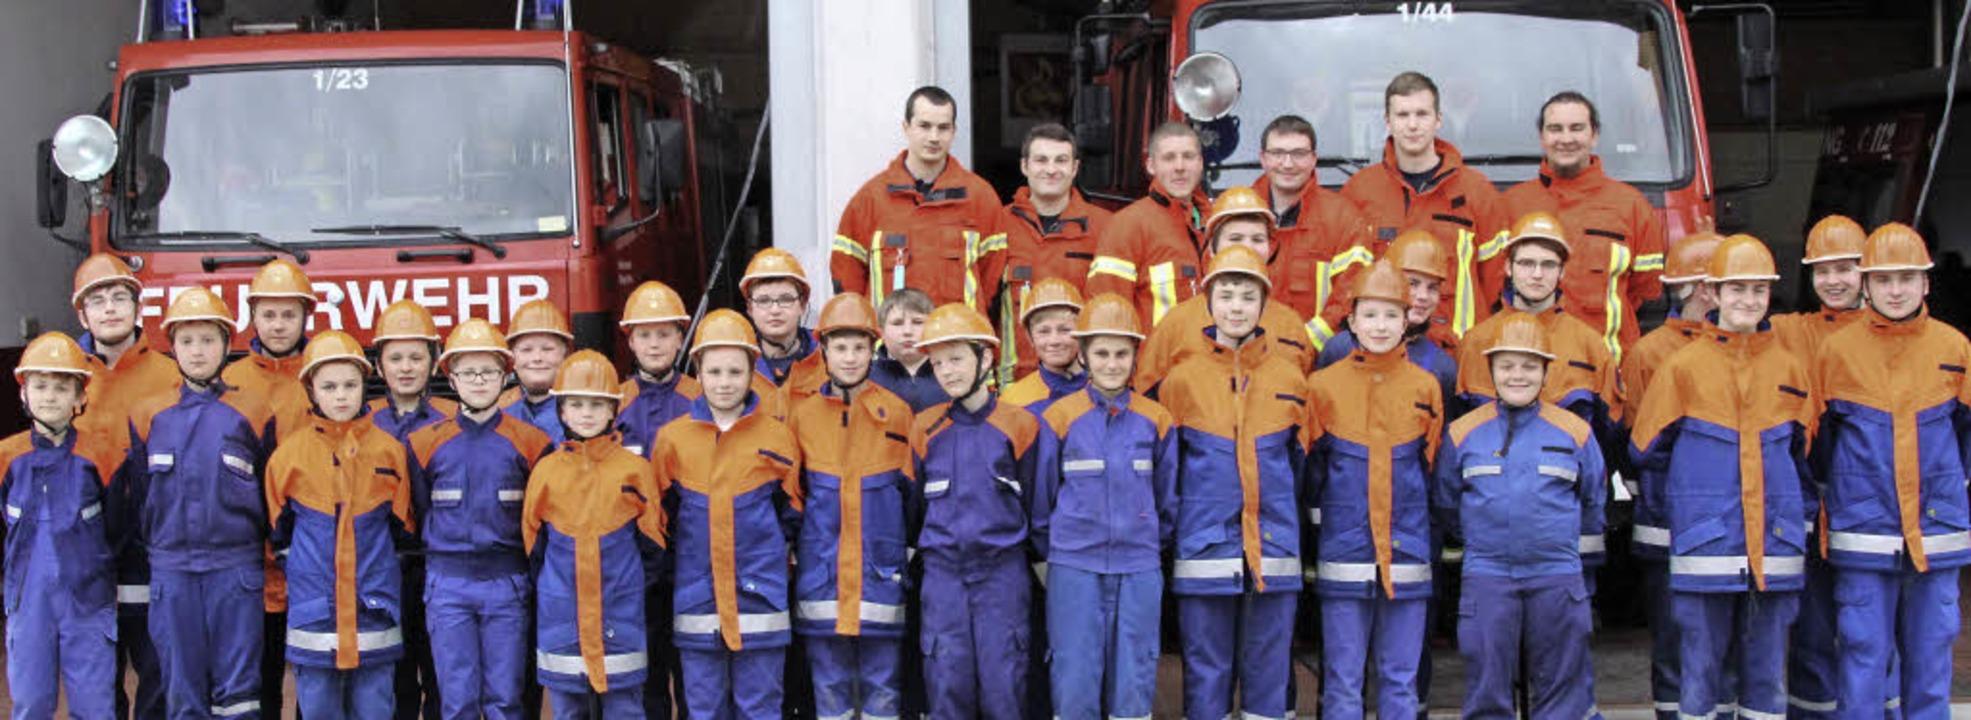 Der hoffnungsvolle Feuerwehrnachwuchs  mit seinen Ausbildern    Foto: Reinhard Cremer